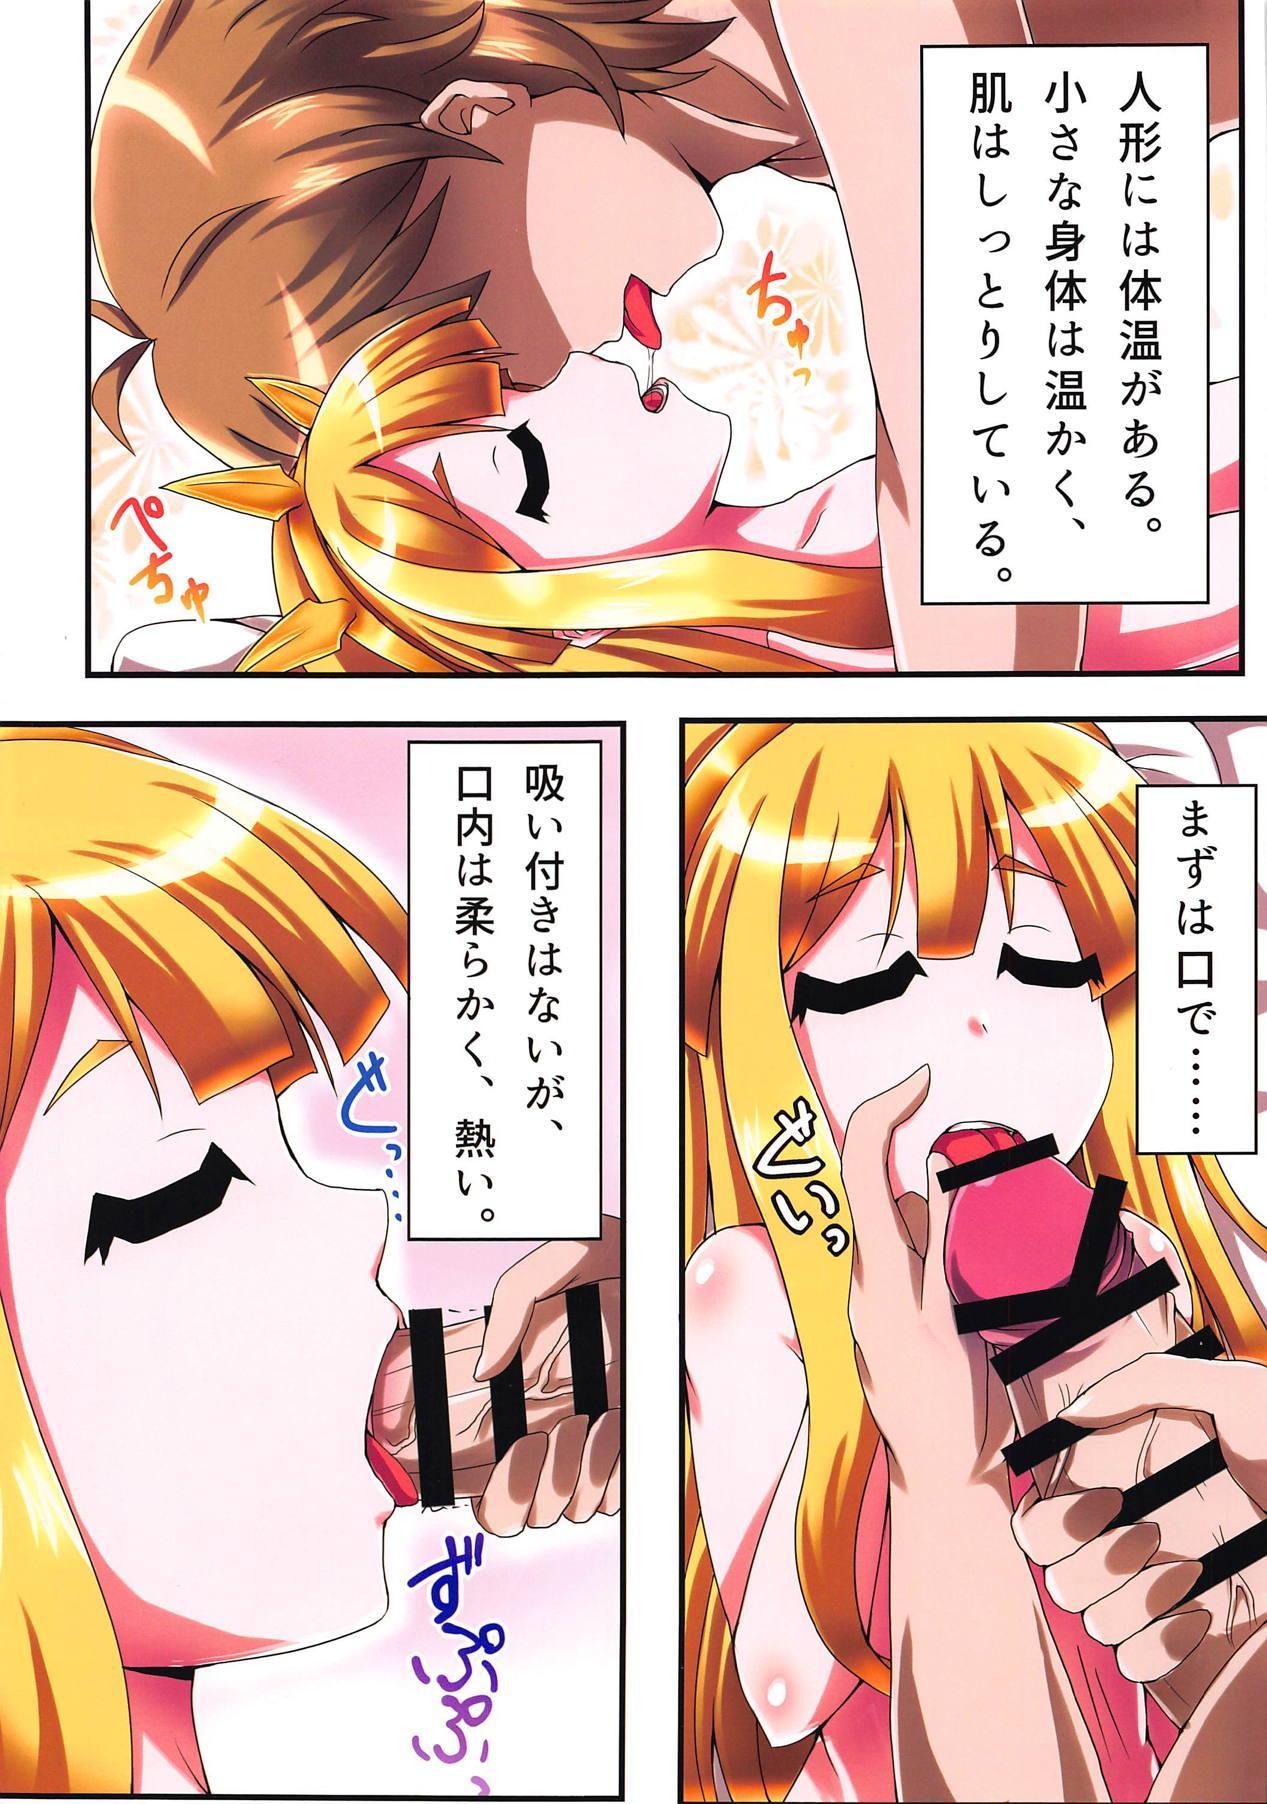 Cagliostro no Onahoya-san 3